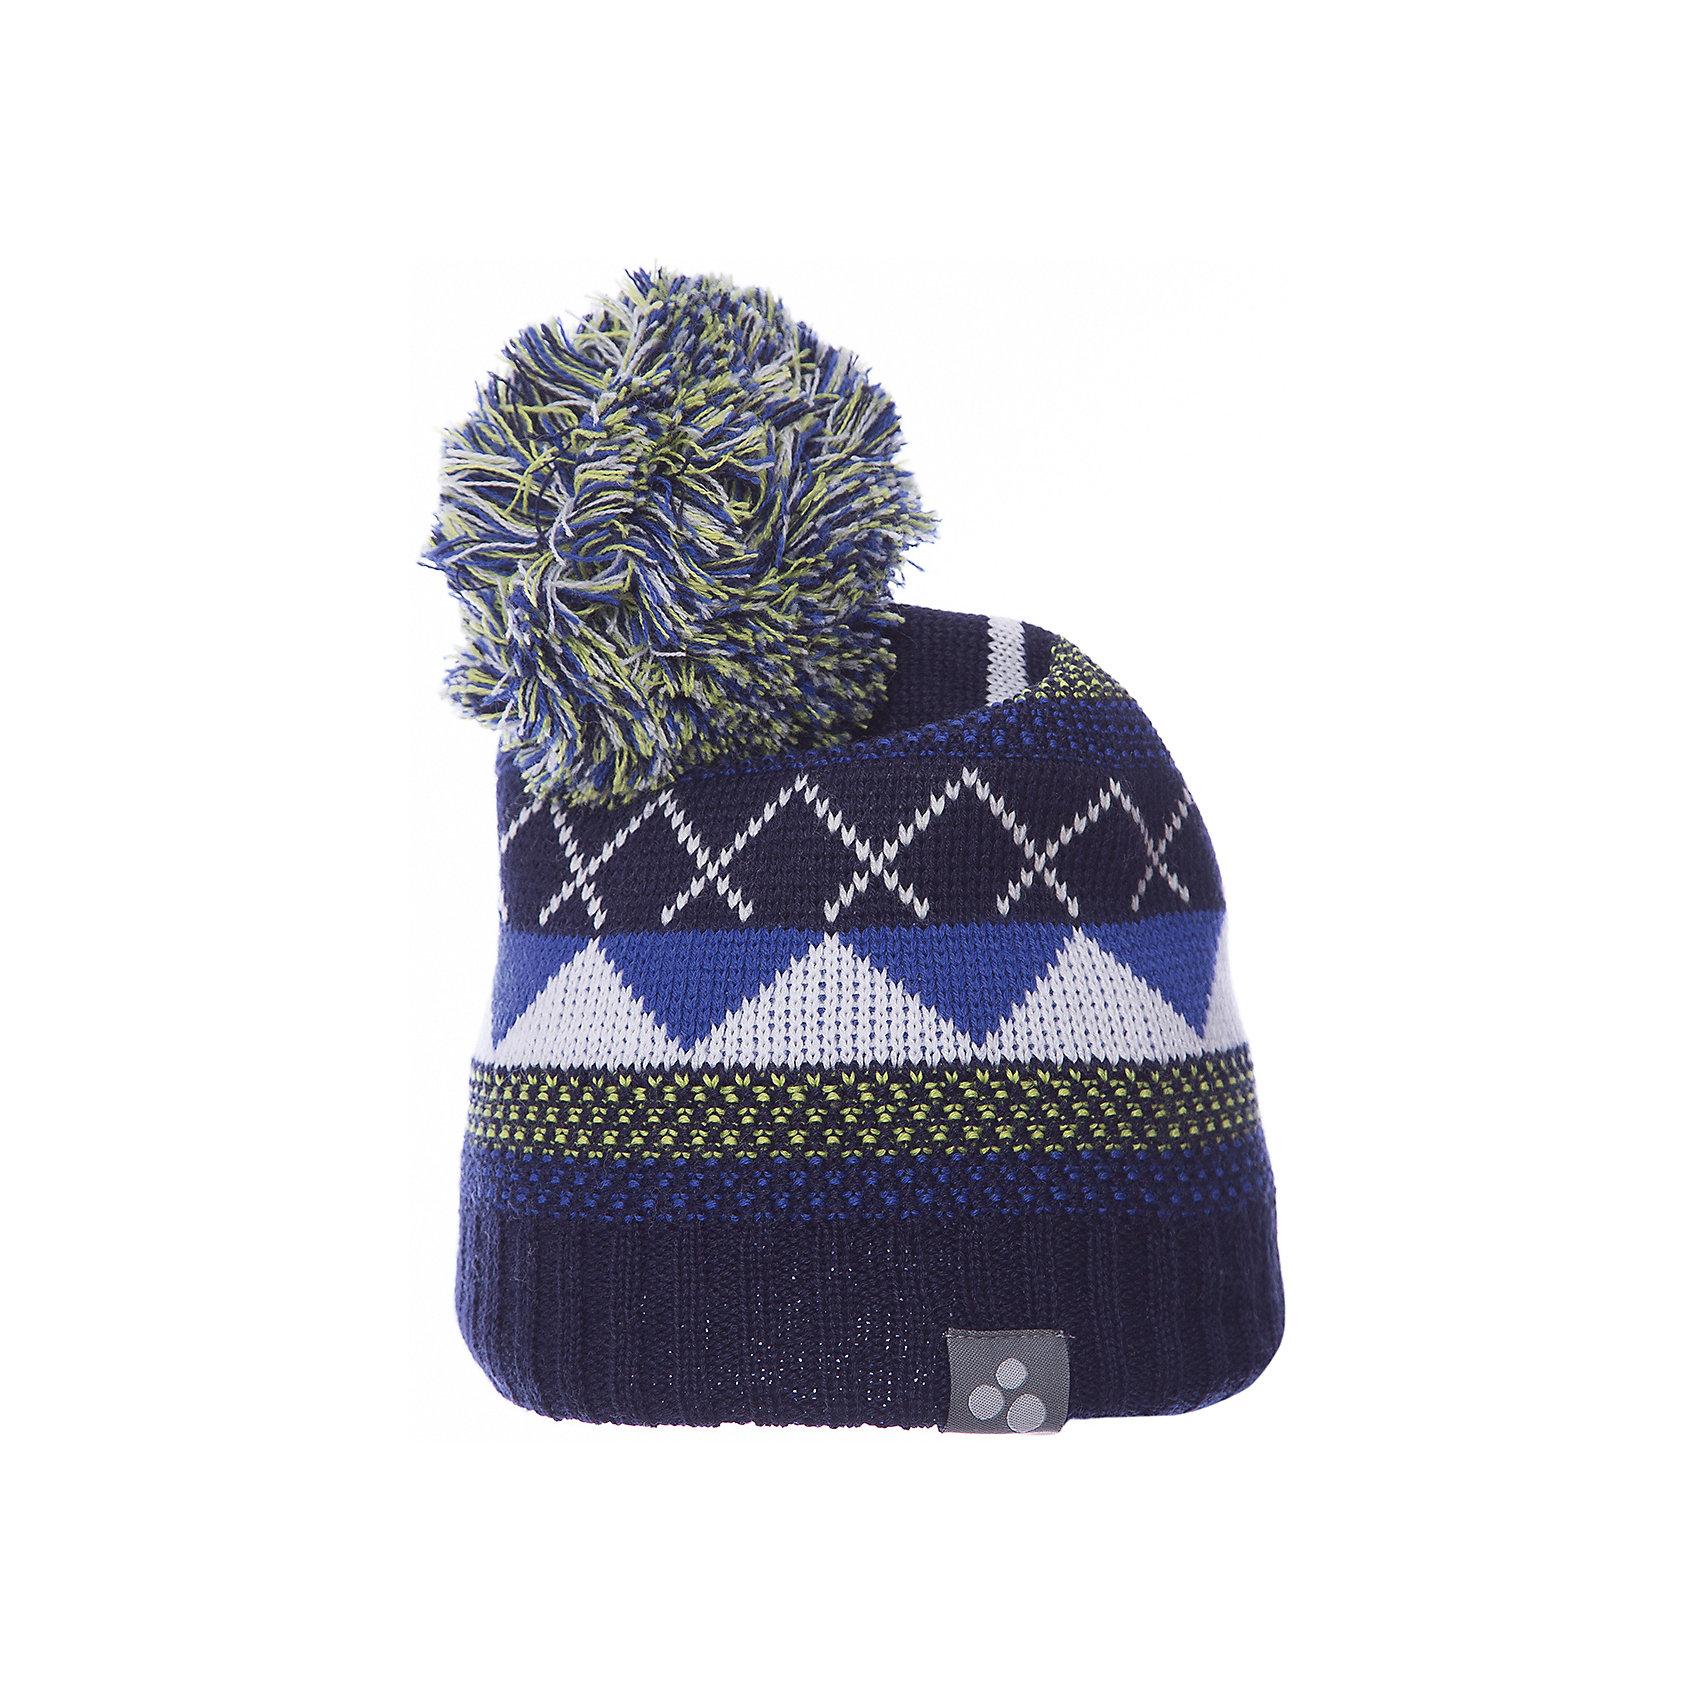 Шапка FERRIS HuppaГоловные уборы<br>Вязаная детская шапка FERRIS.Теплая яркая вязанная шапочка c помпоном, прекрассно подойдет для повседневных прогулок в холодную погоду.<br>Состав:<br>50% мерс.шерсть, 50% акрил<br><br>Ширина мм: 89<br>Глубина мм: 117<br>Высота мм: 44<br>Вес г: 155<br>Цвет: синий<br>Возраст от месяцев: 132<br>Возраст до месяцев: 156<br>Пол: Унисекс<br>Возраст: Детский<br>Размер: 57-59,55-57,51-53,47-49<br>SKU: 7023961